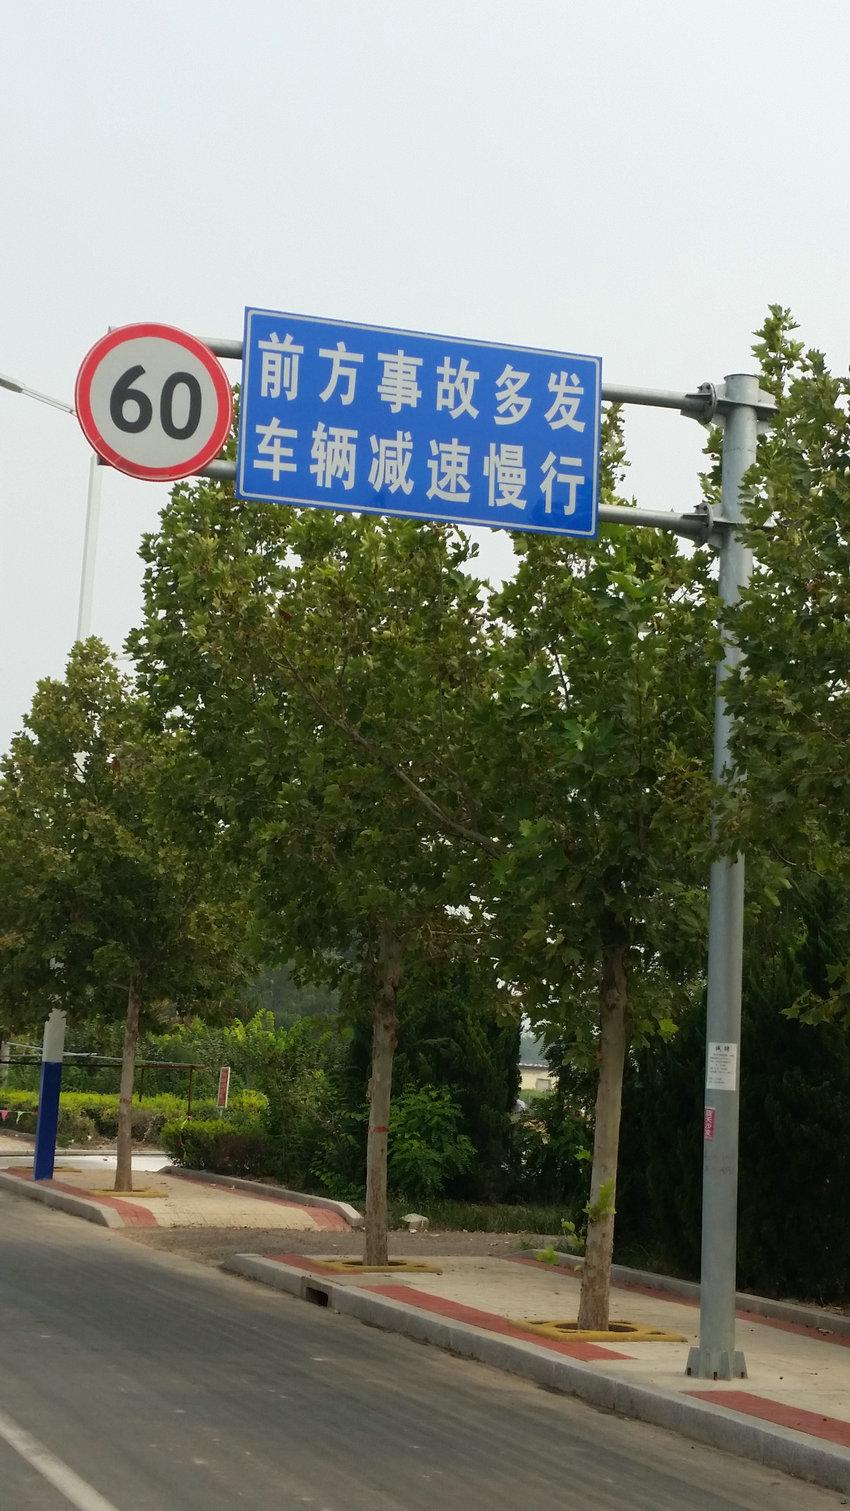 道路交通标志 (2)